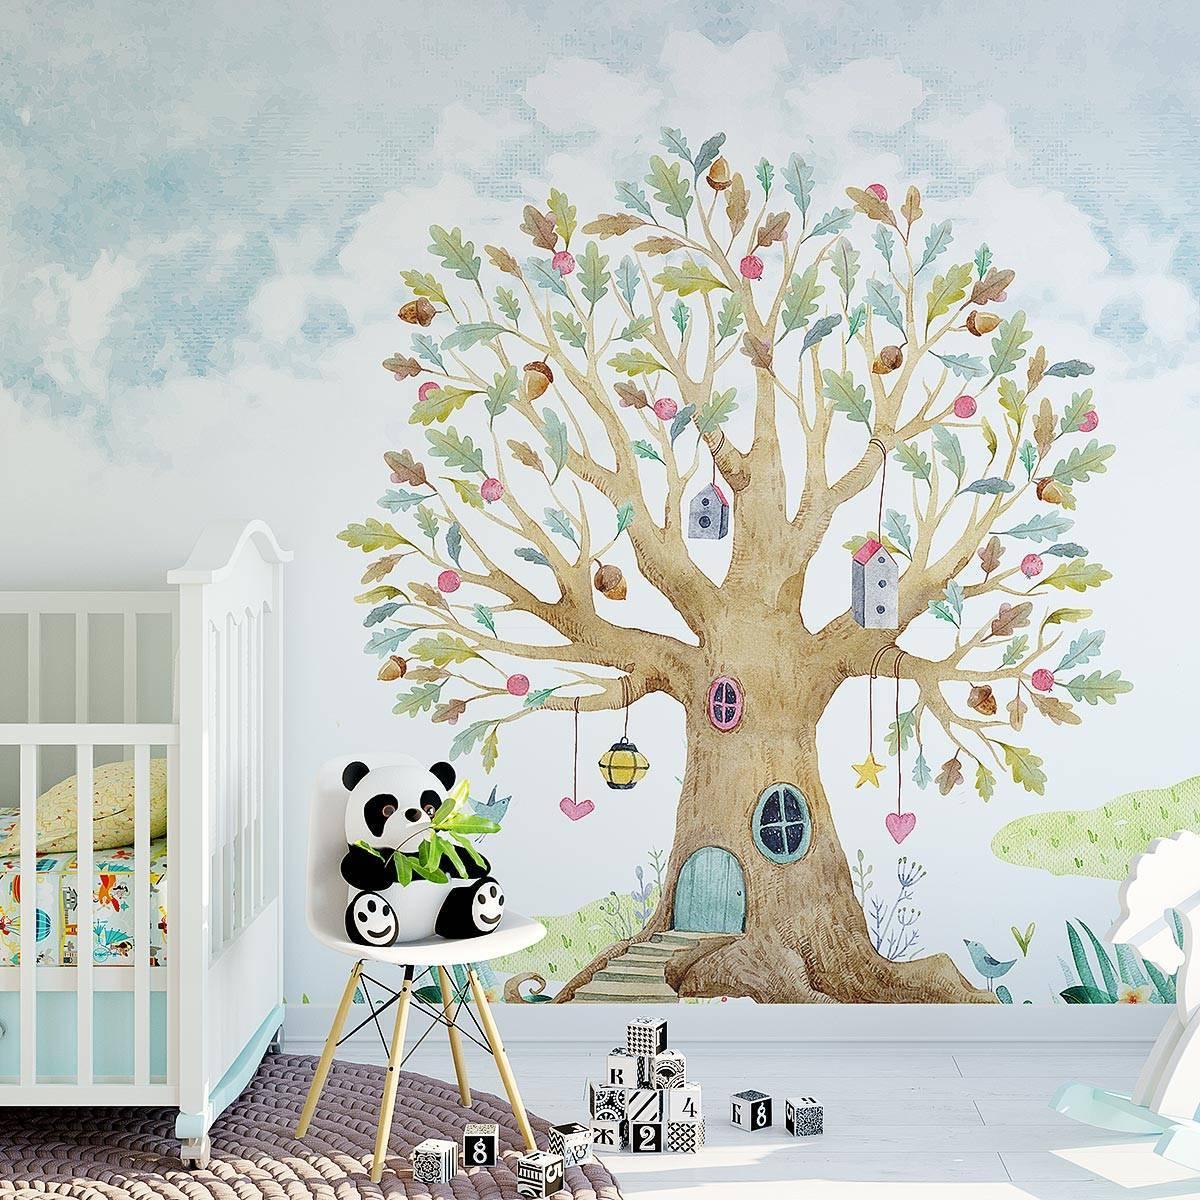 Painel Fotográfico Infantil Lúdico Árvore - Redecorei